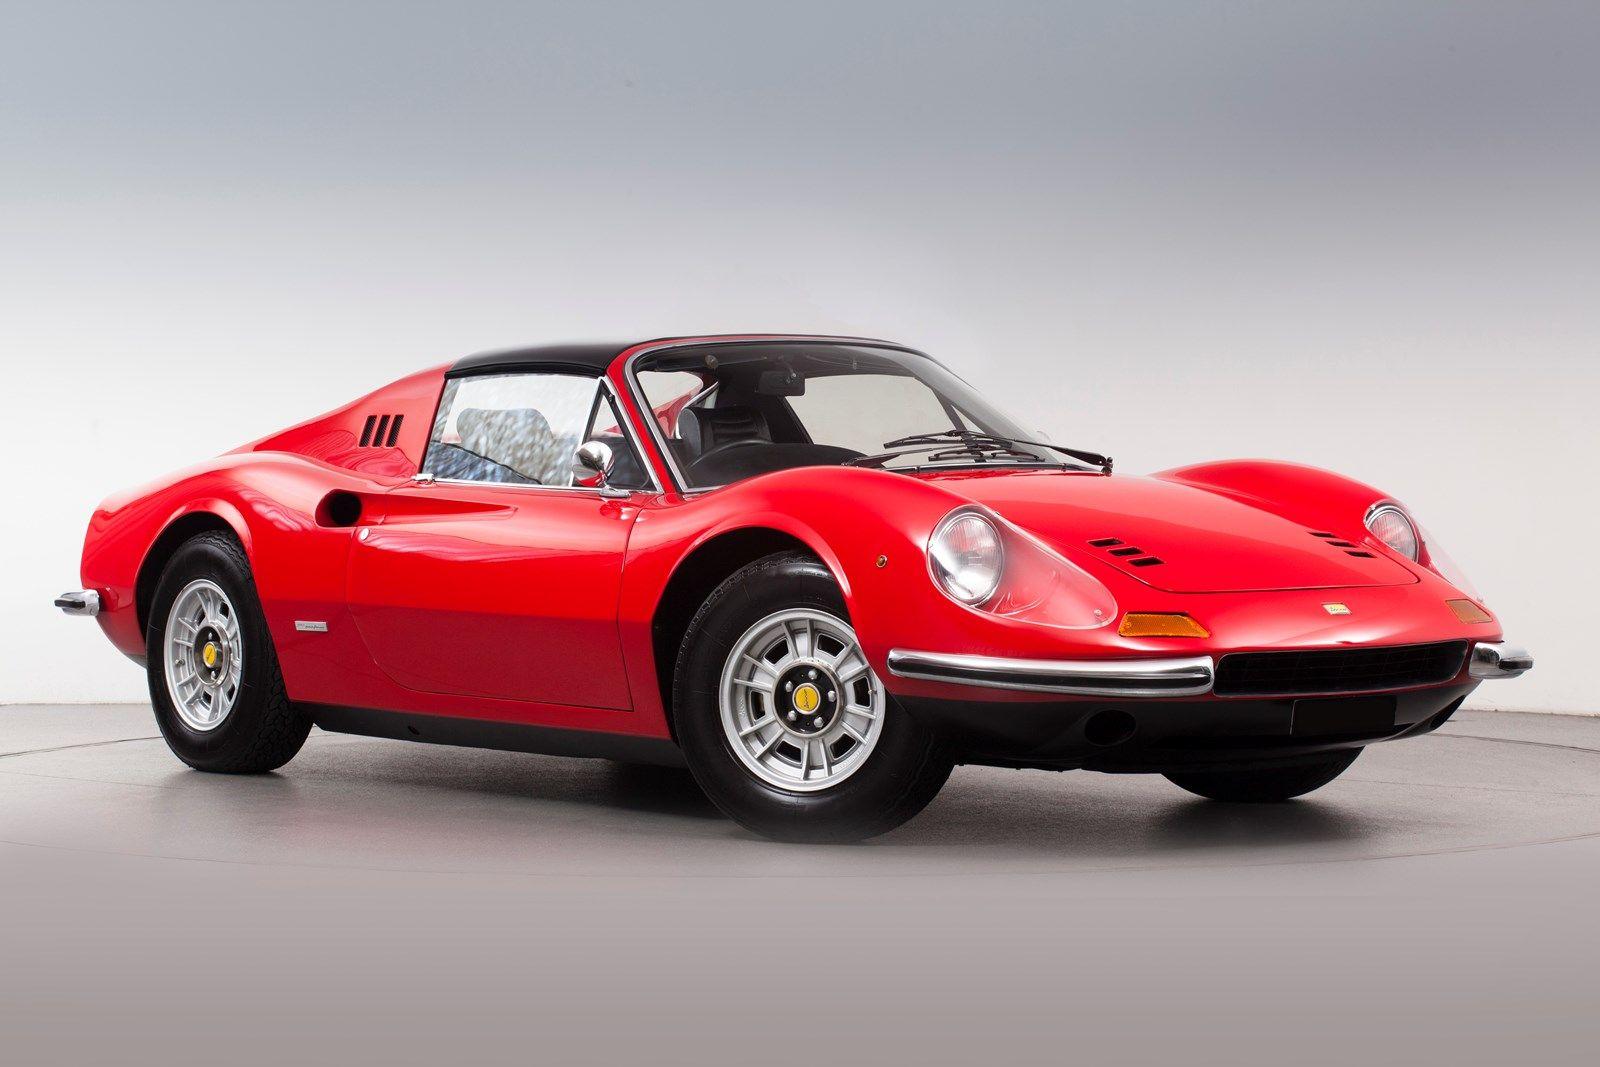 Ferrari 246 Dino (With images) Ferrari, Classic sports